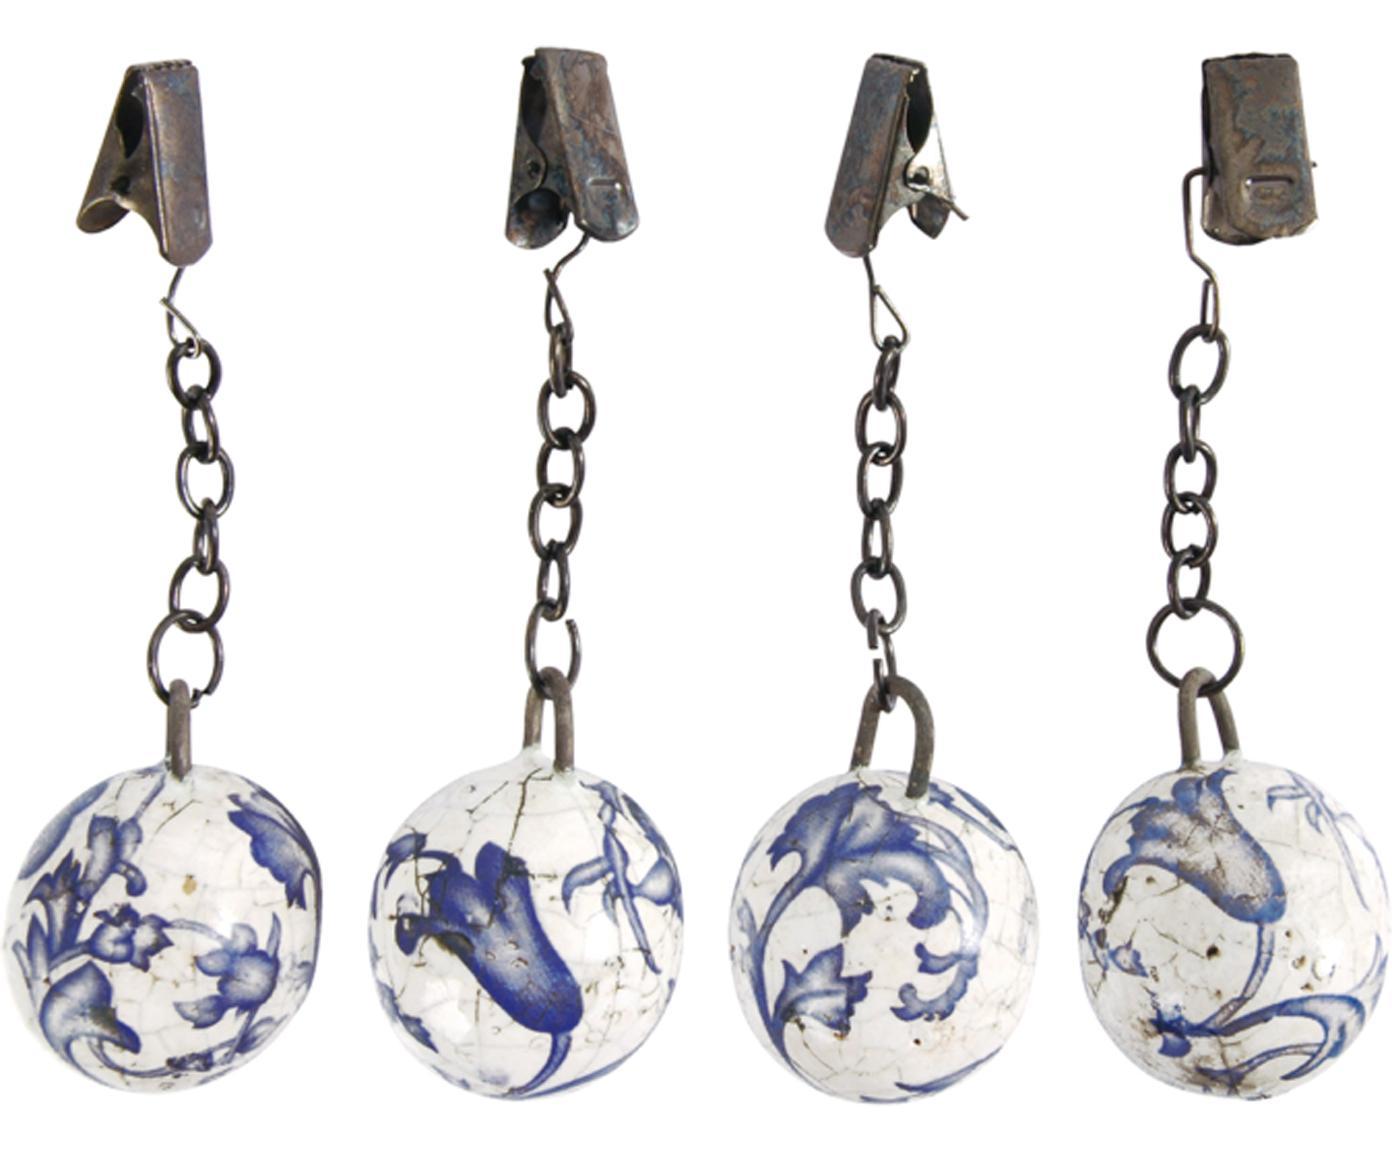 Tischdeckengewichte Evie, 4er-Set, Keramik, Blau, Weiß, Metall, Ø 3 x H 11 cm